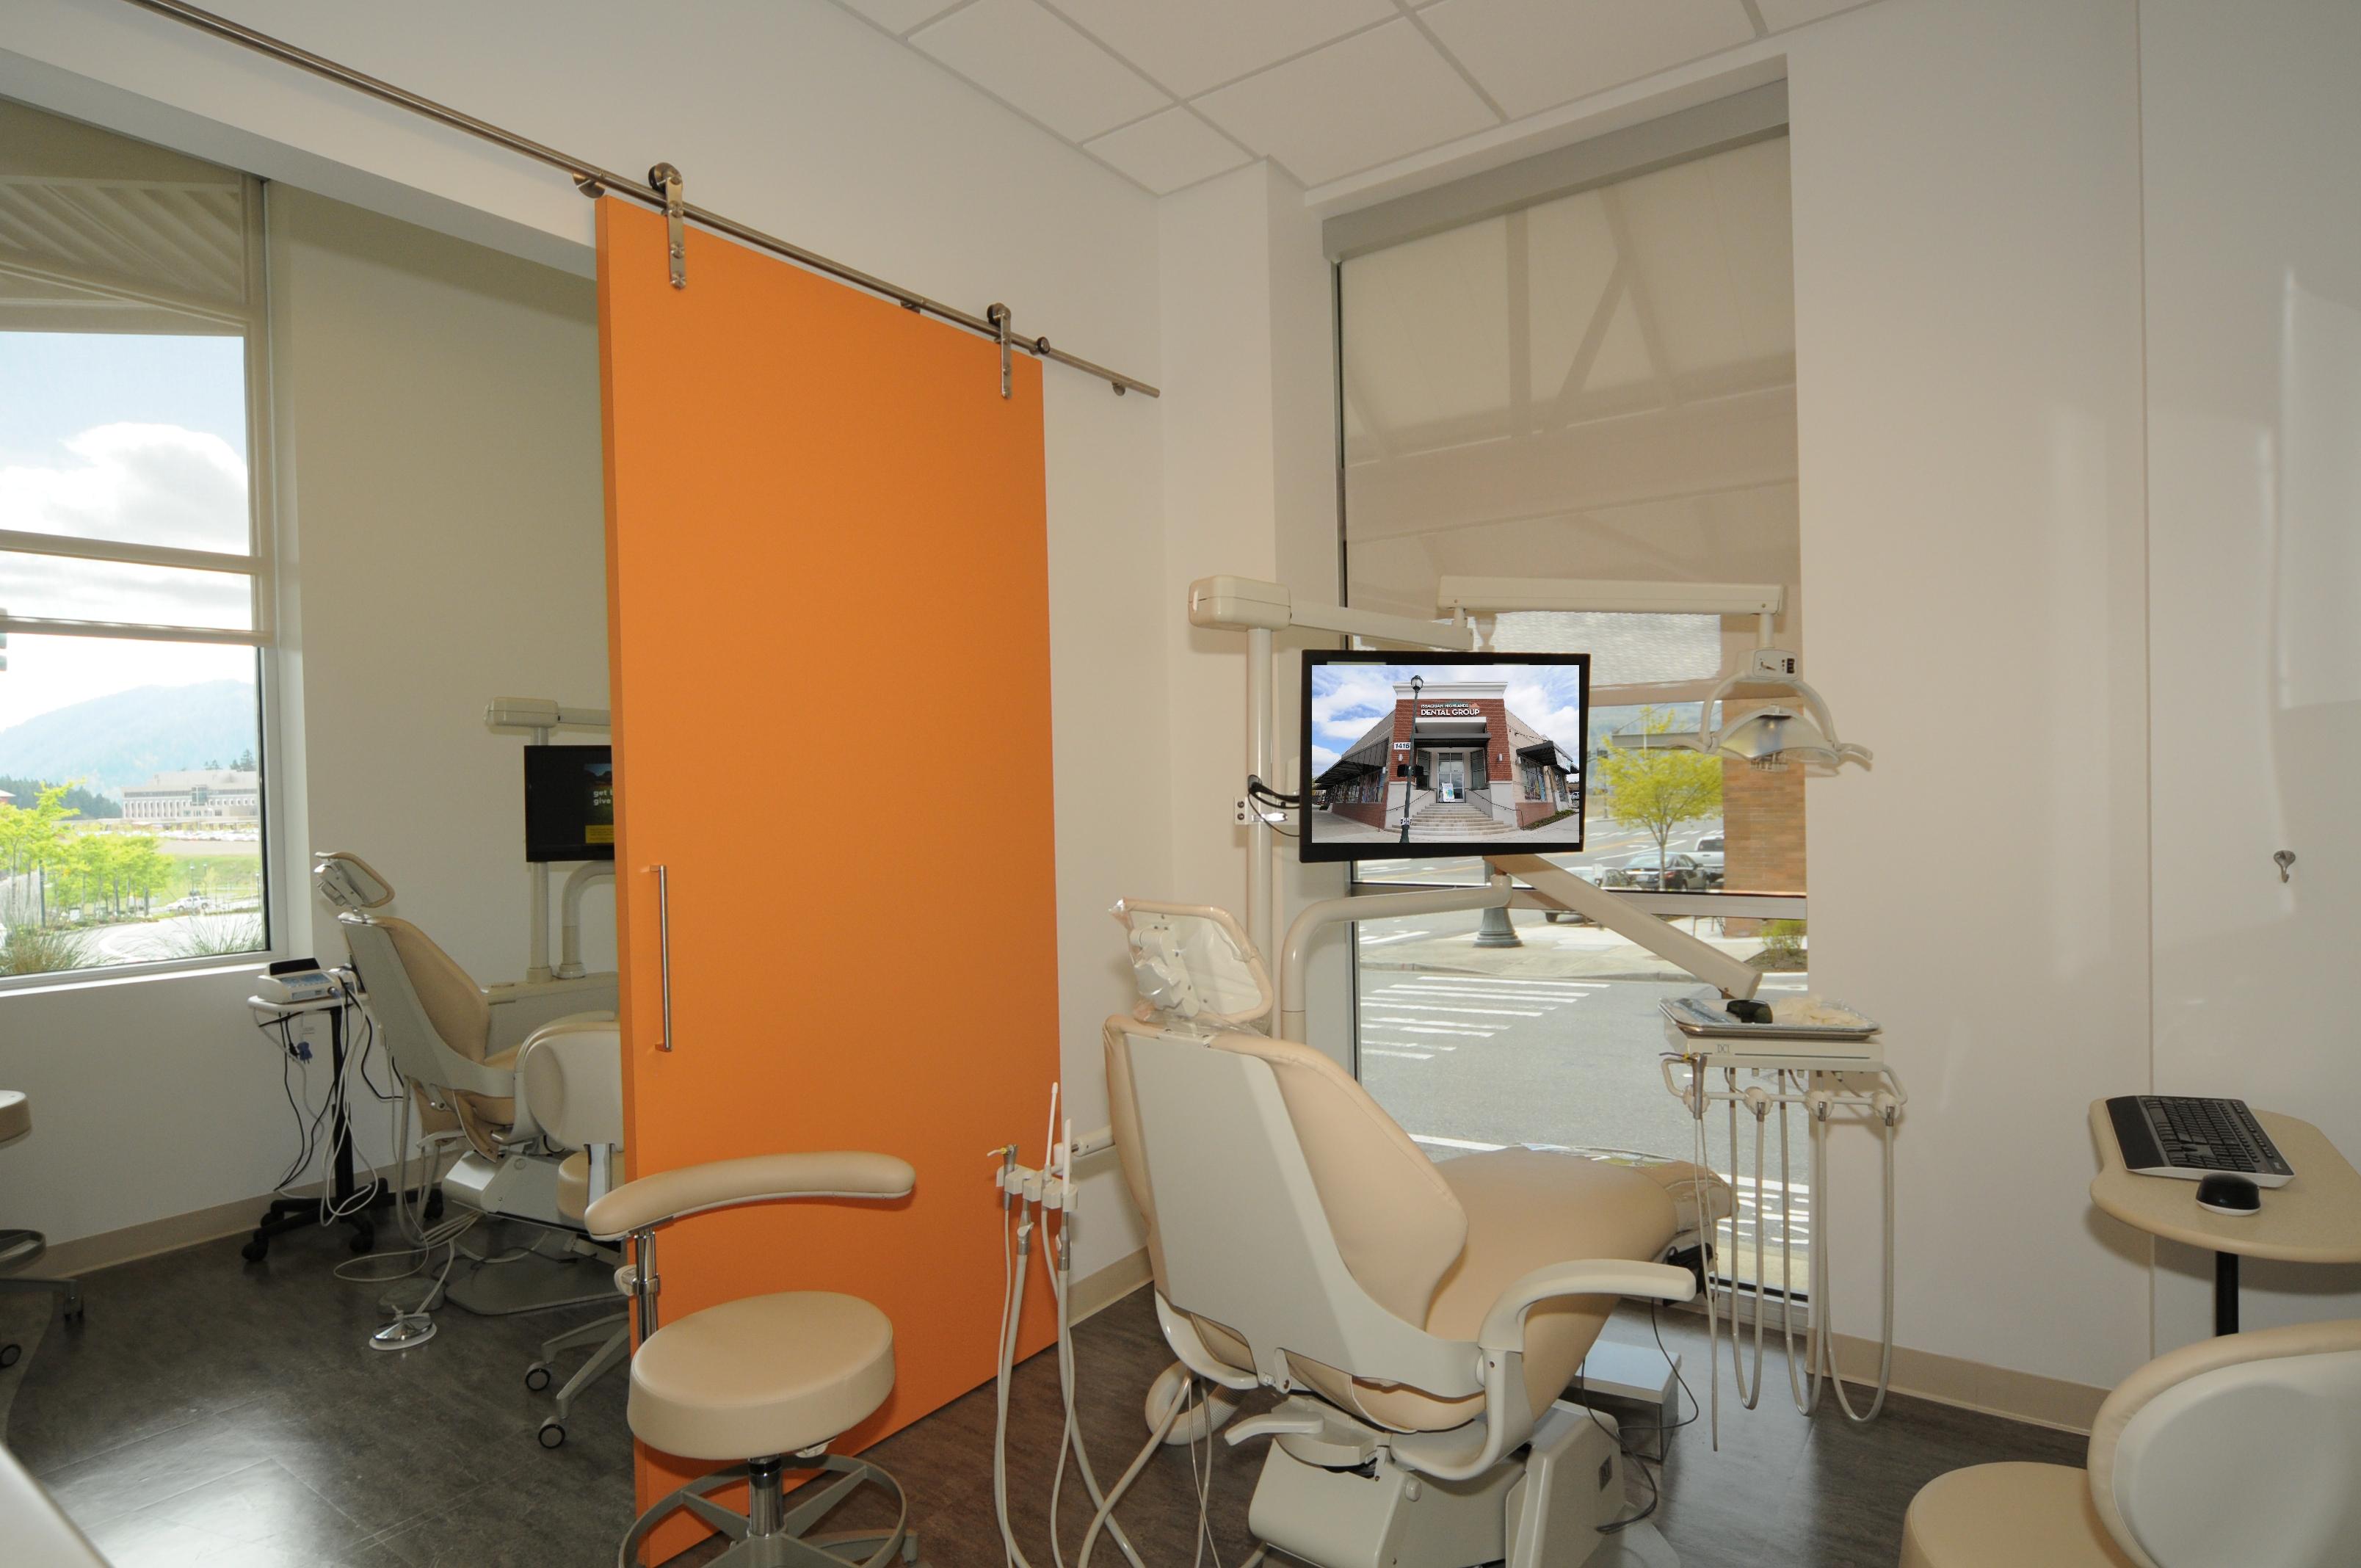 Issaquah Highlands Dental Group image 10